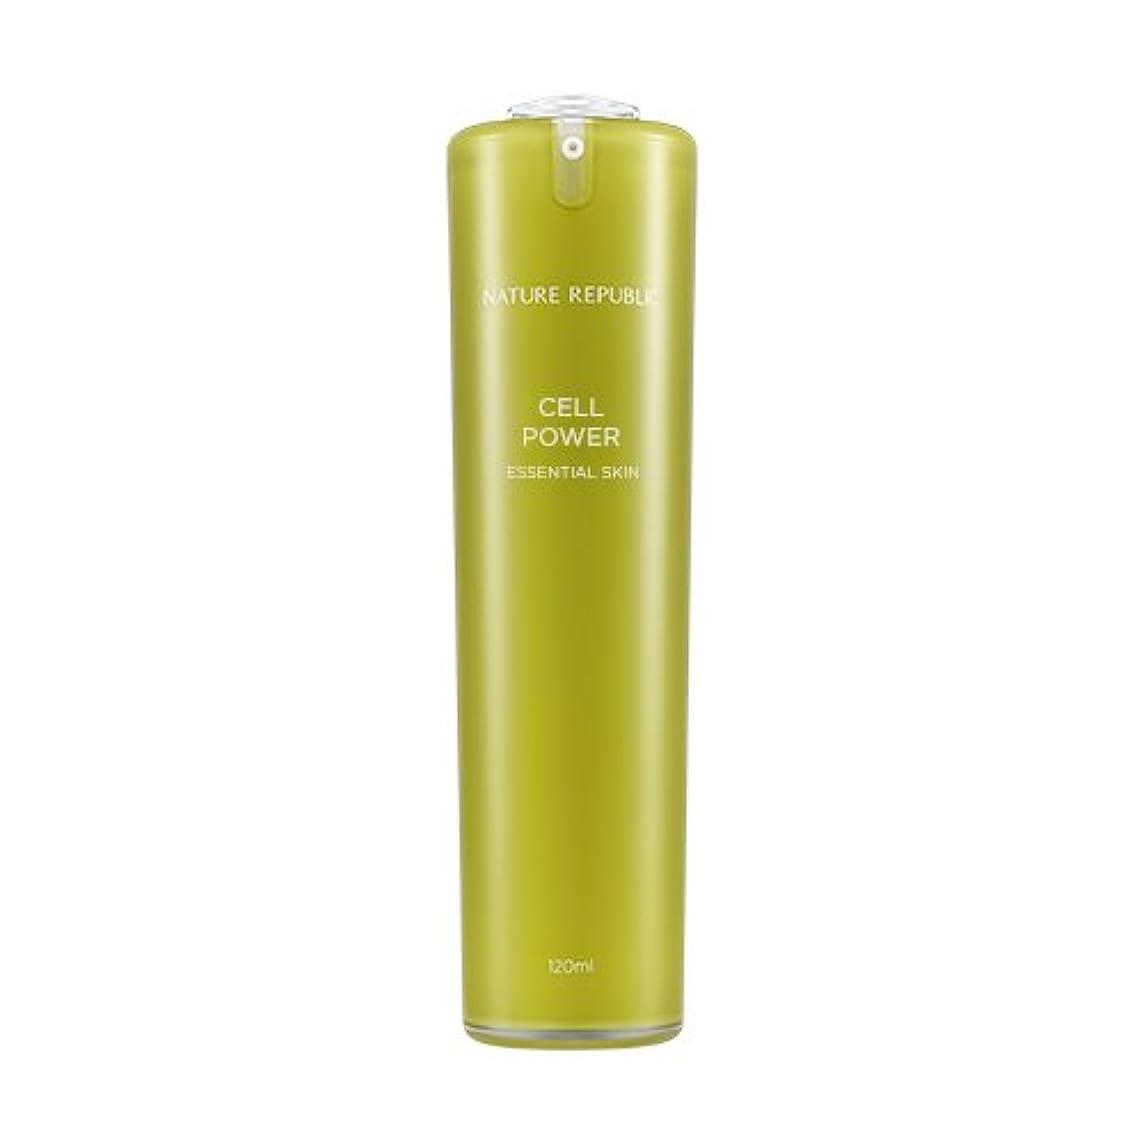 ヒロイン出発するペインギリックNATURE REPUBLIC Cell Power Essential Skin / ネイチャーリパブリックセルパワーエッセンシャルスキン 120ml [並行輸入品]